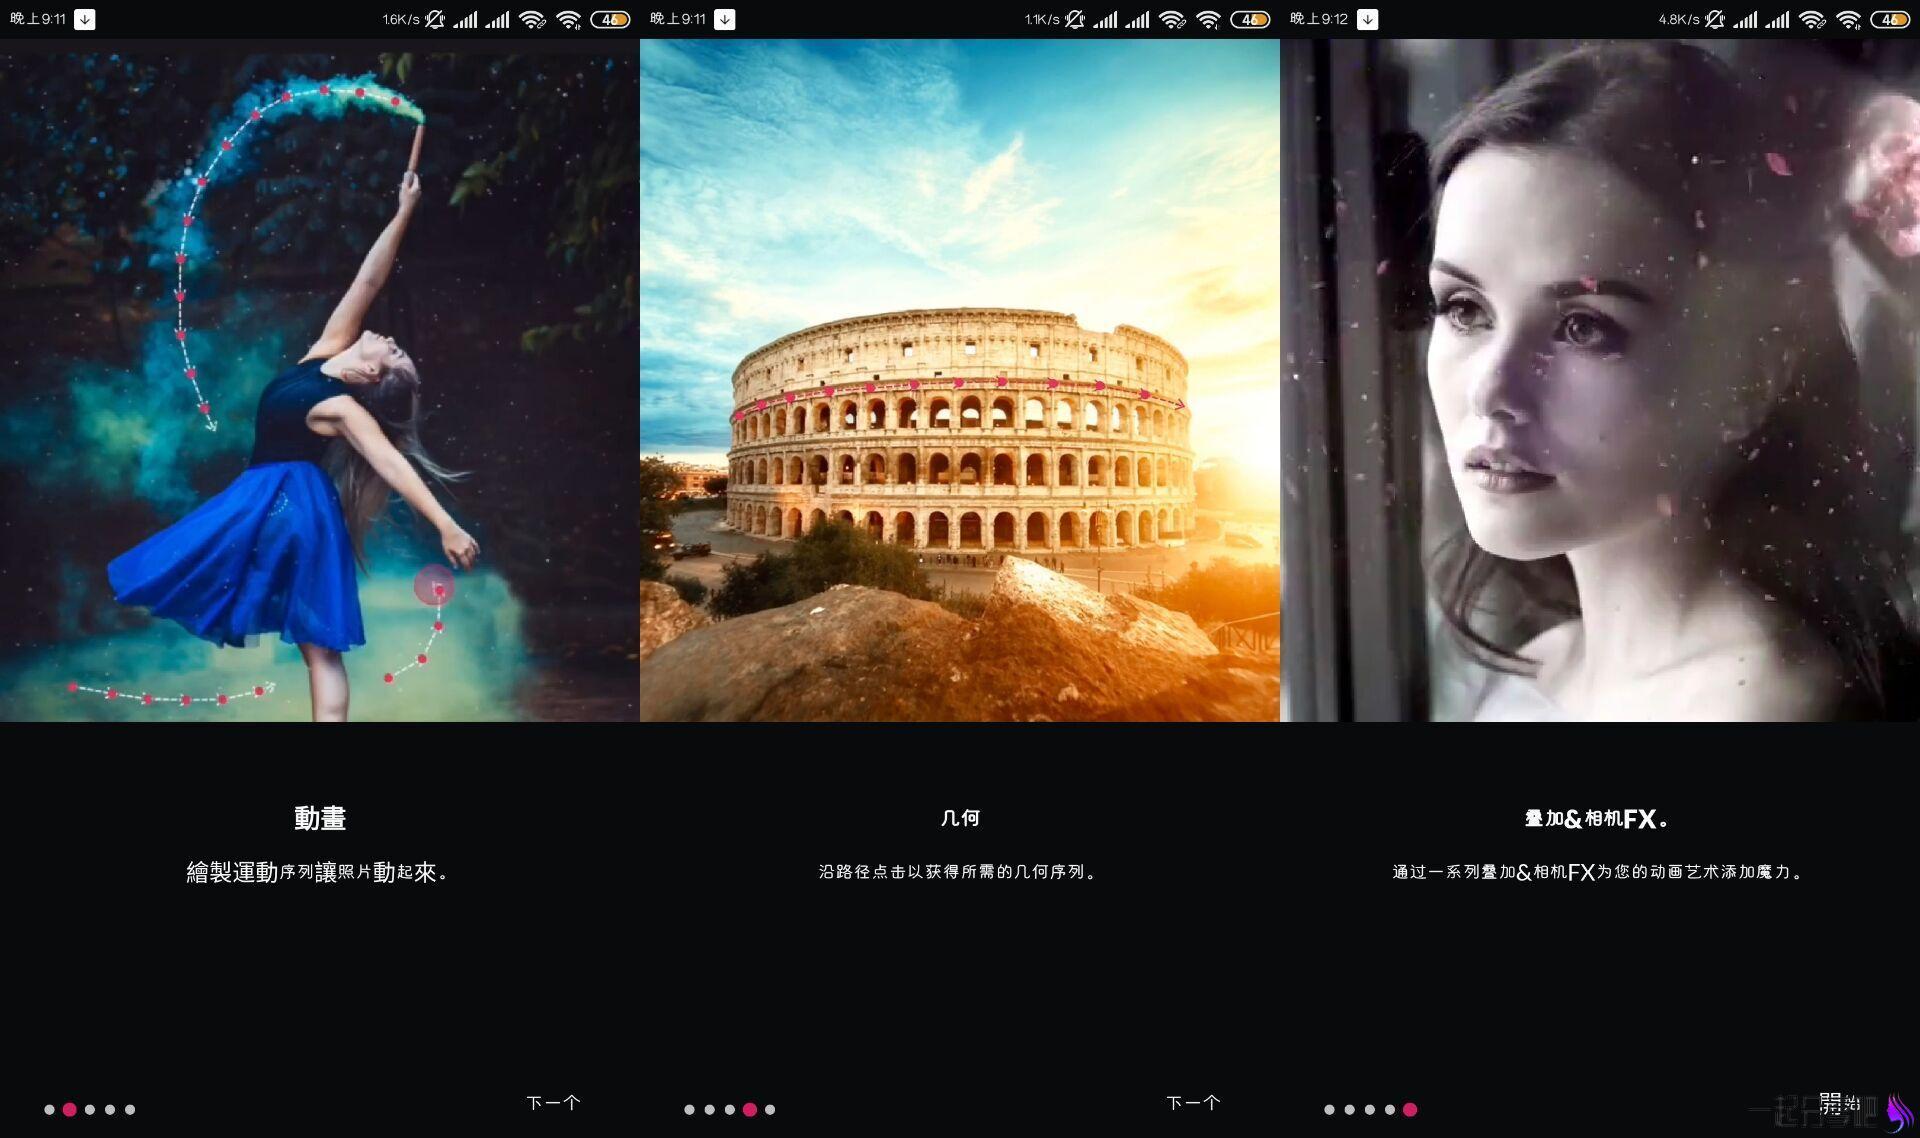 PixaMotion(让图片动起来!解锁高级版!) 第1张